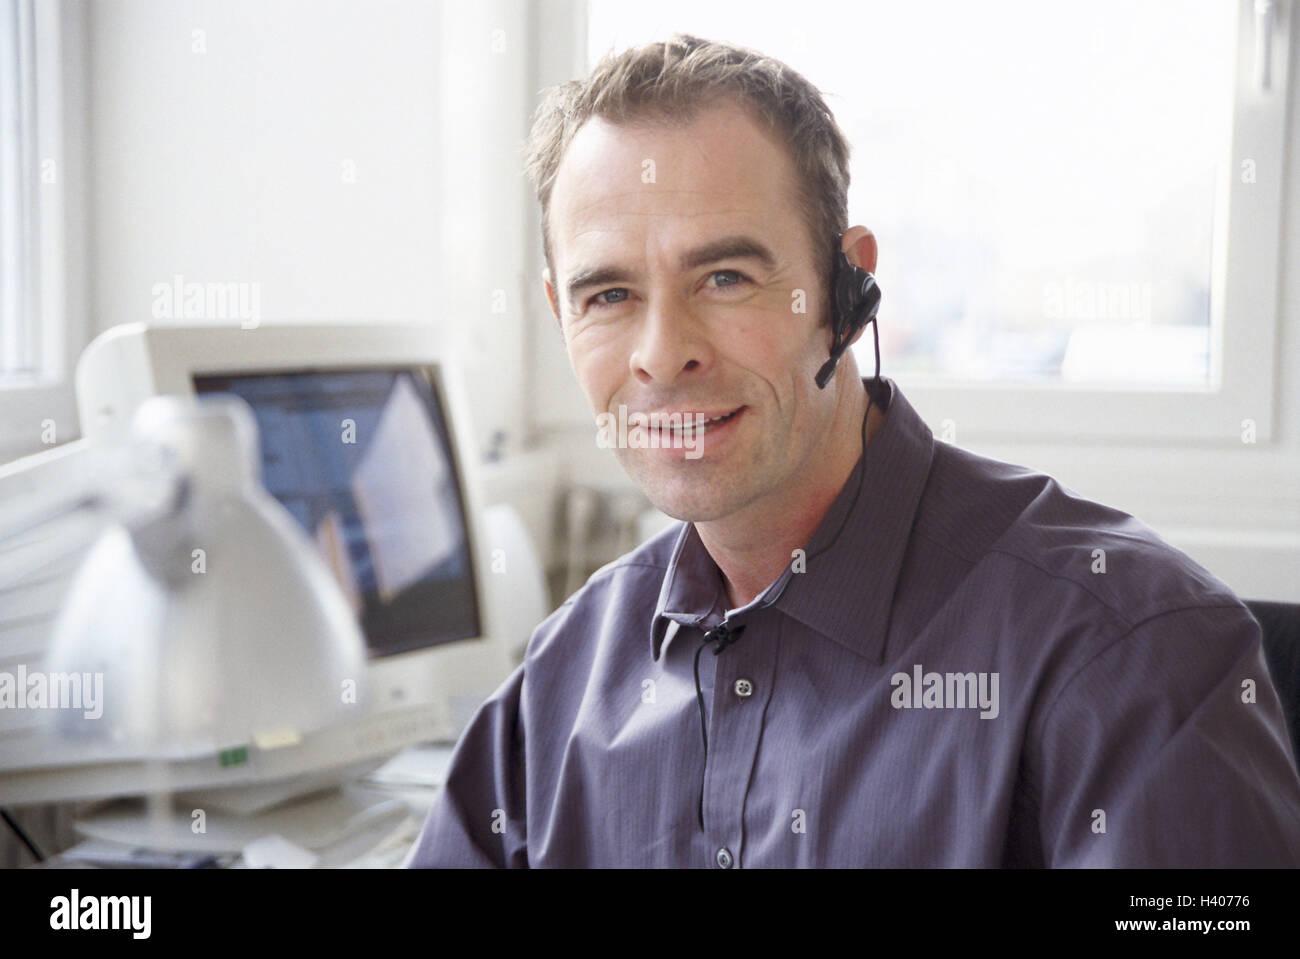 ecoute telephonique travail